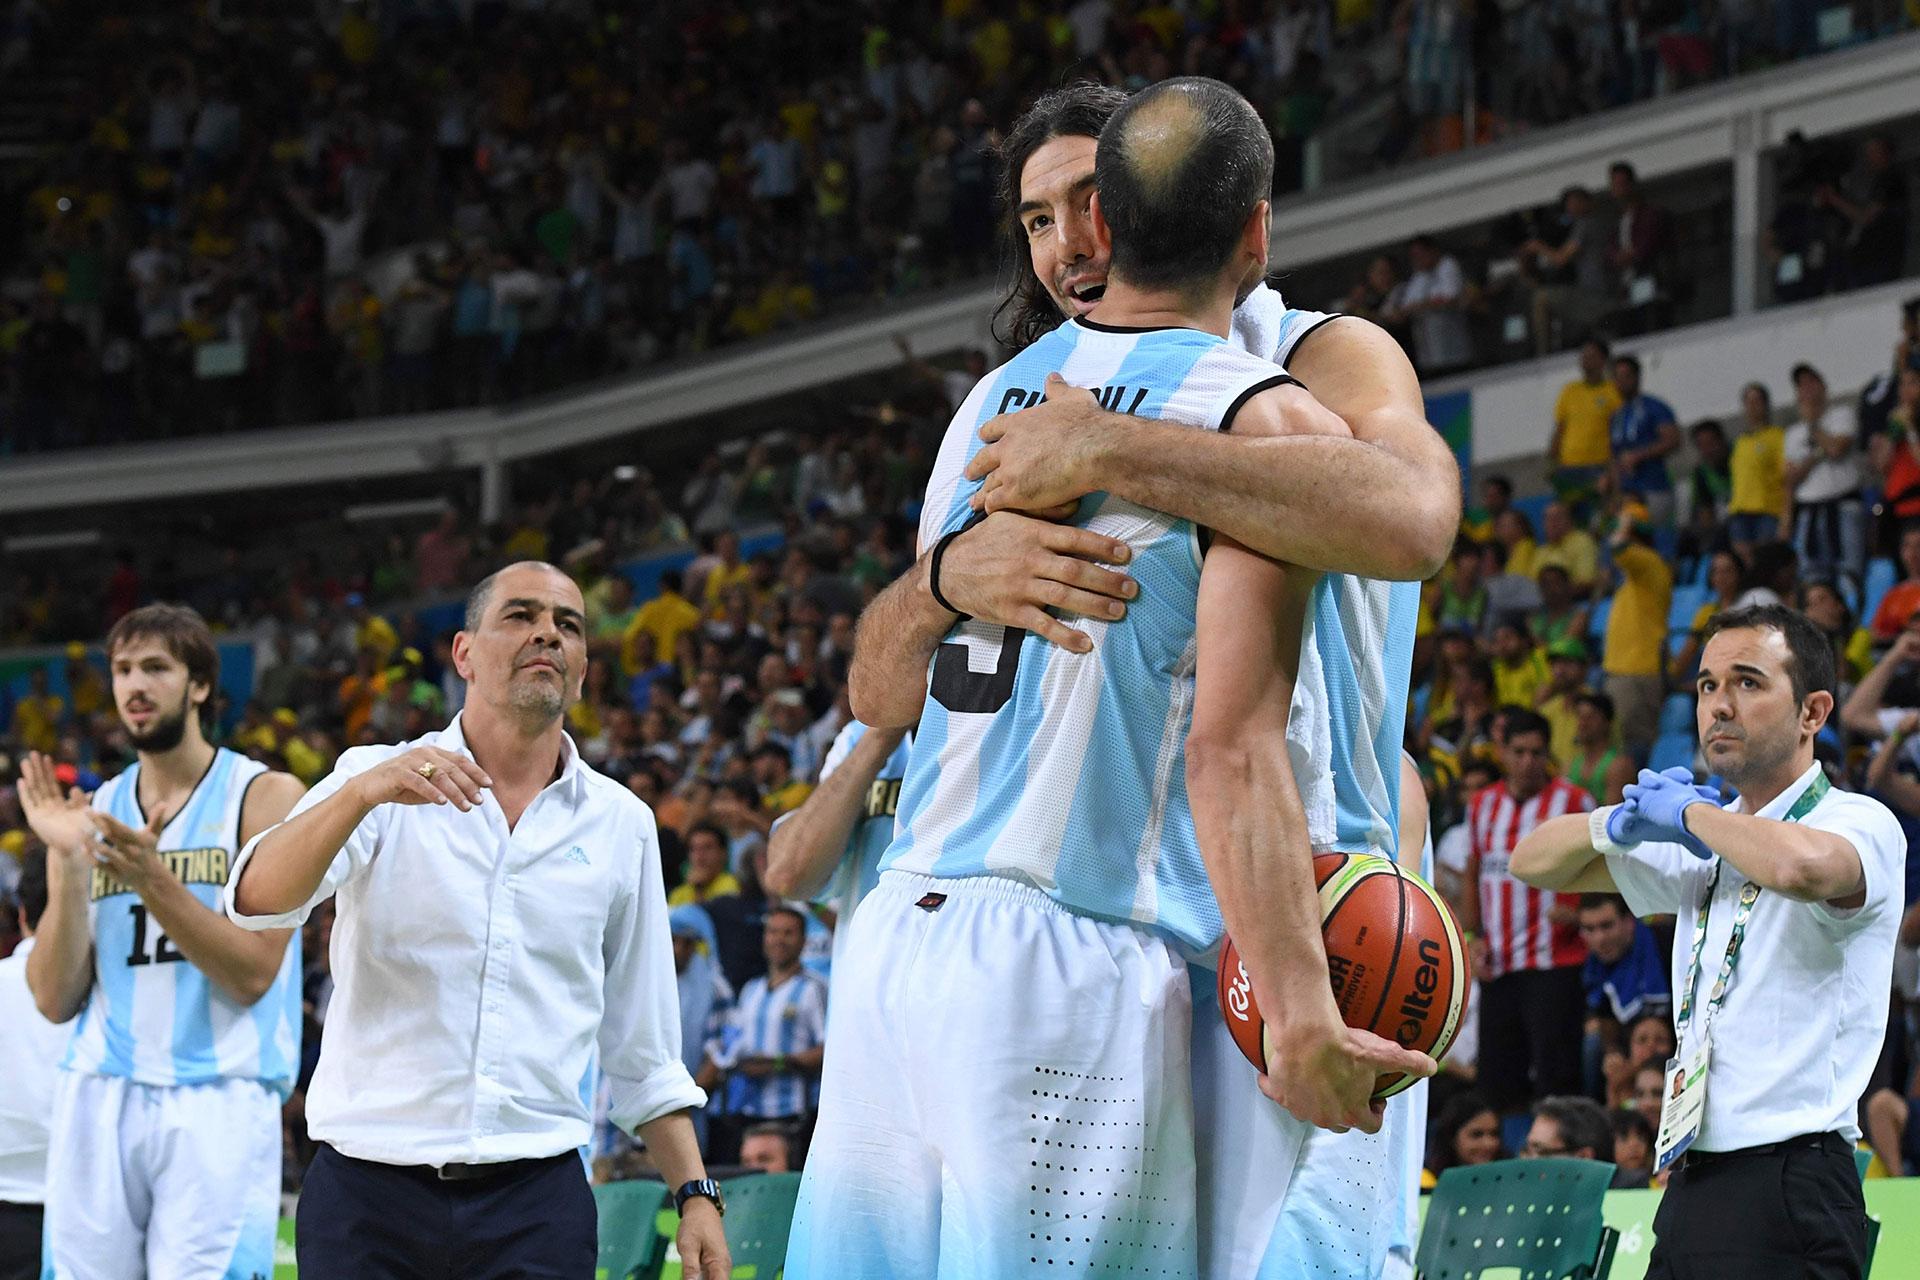 Manu con su amigo y compañero Scola, las dos máximas leyendas del basquet argentino unidas en un abrazo